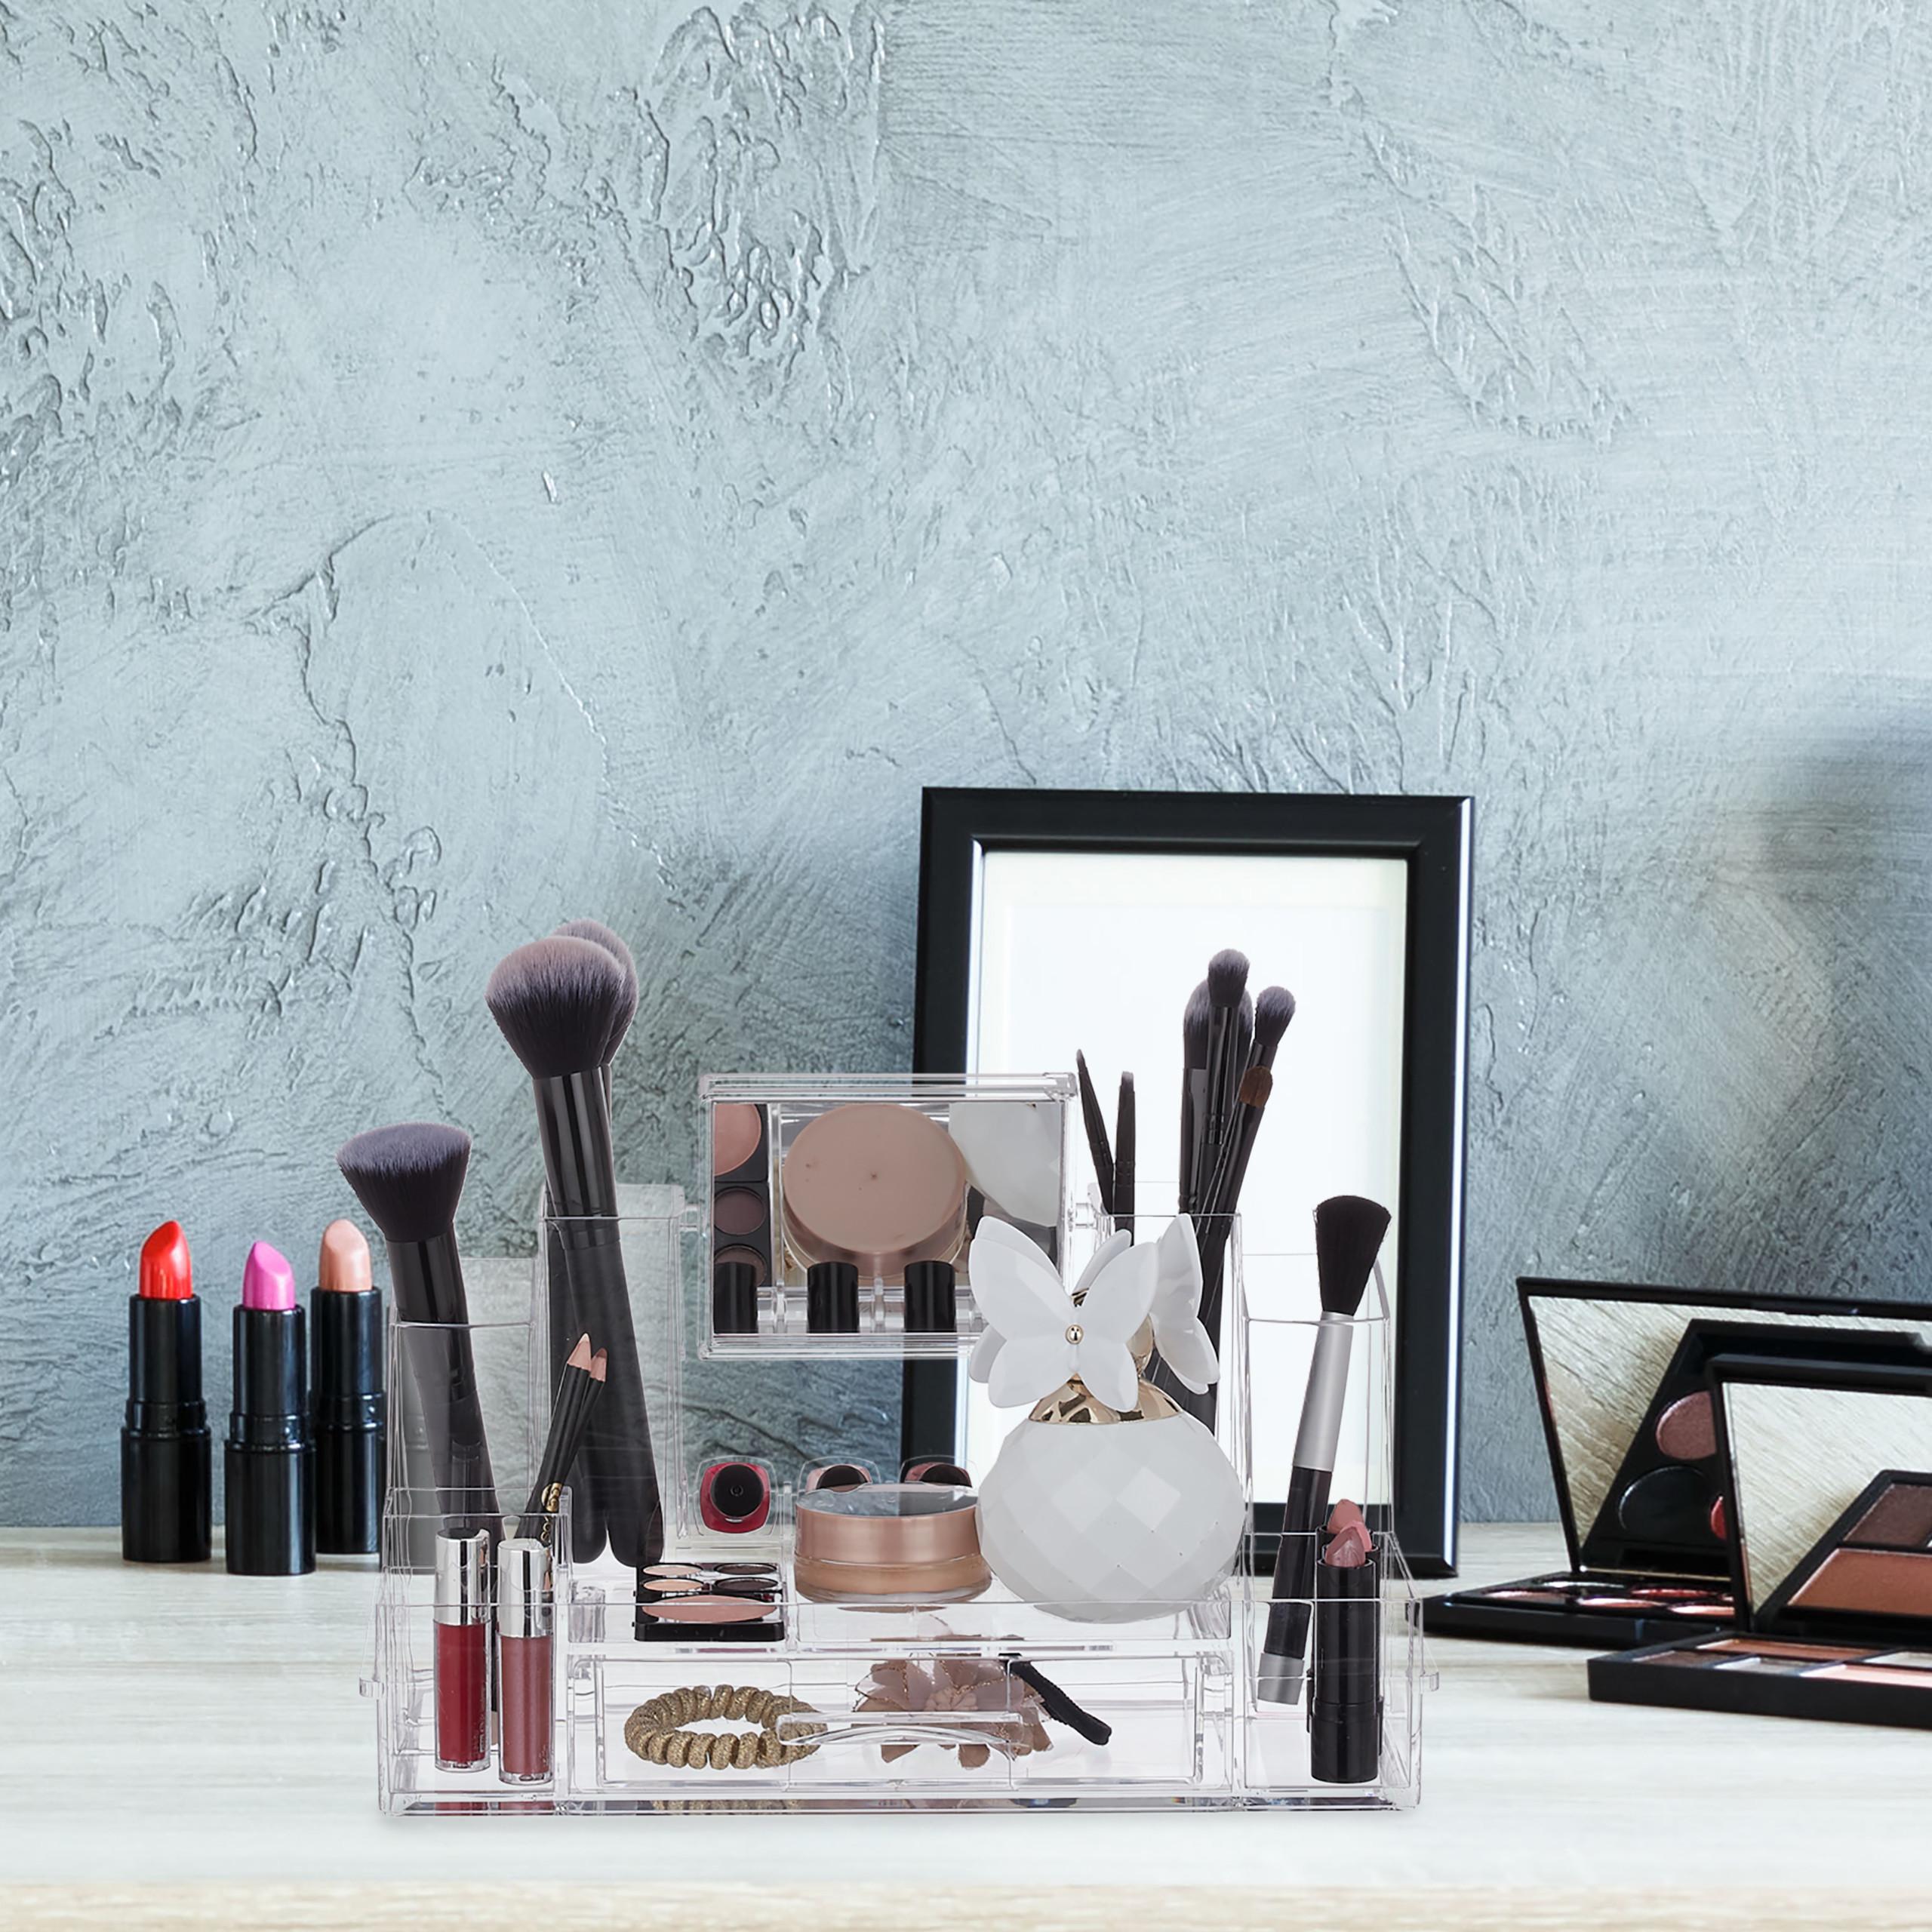 make-up-organizer-acryl-cosmetica-organizer-spiegel-sieradenkist miniatuur 5